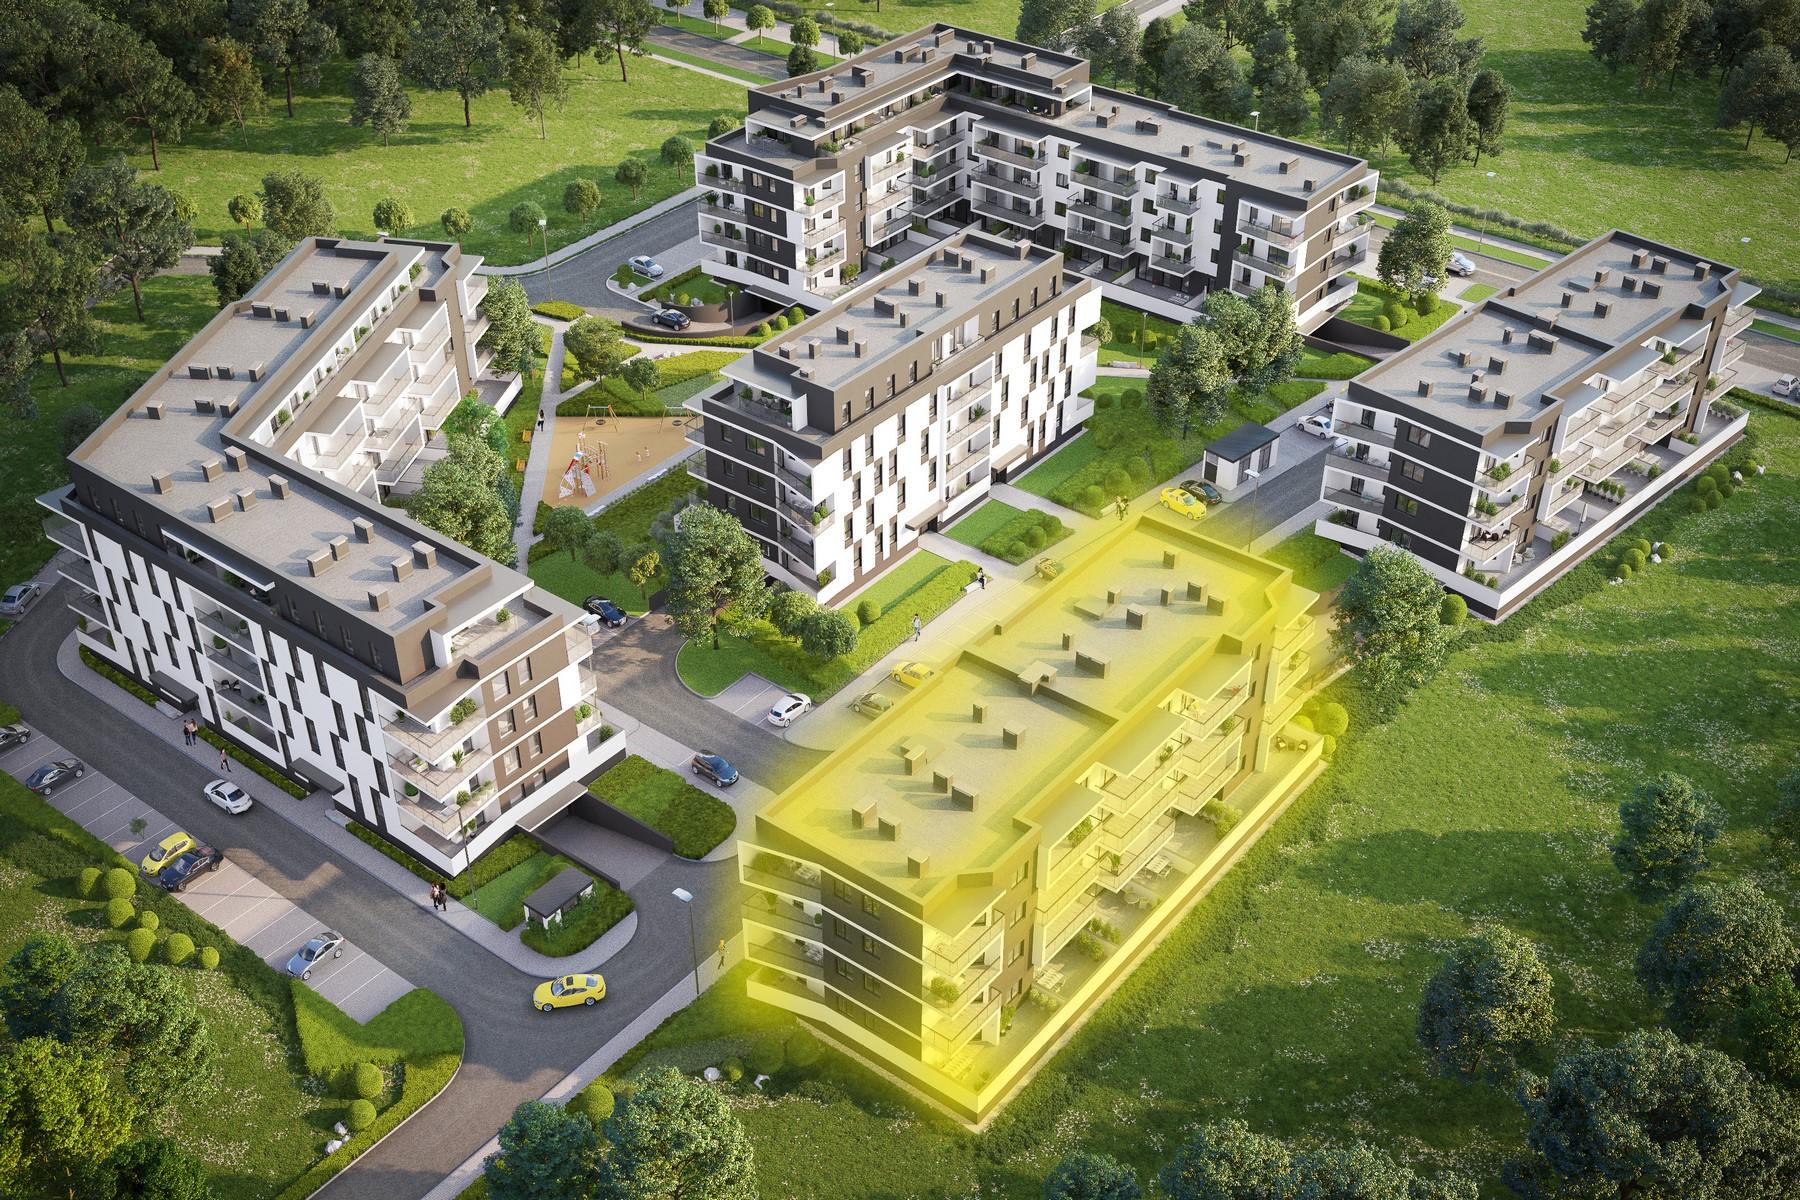 OSIEDLE - Ten budynek - 1800x1200